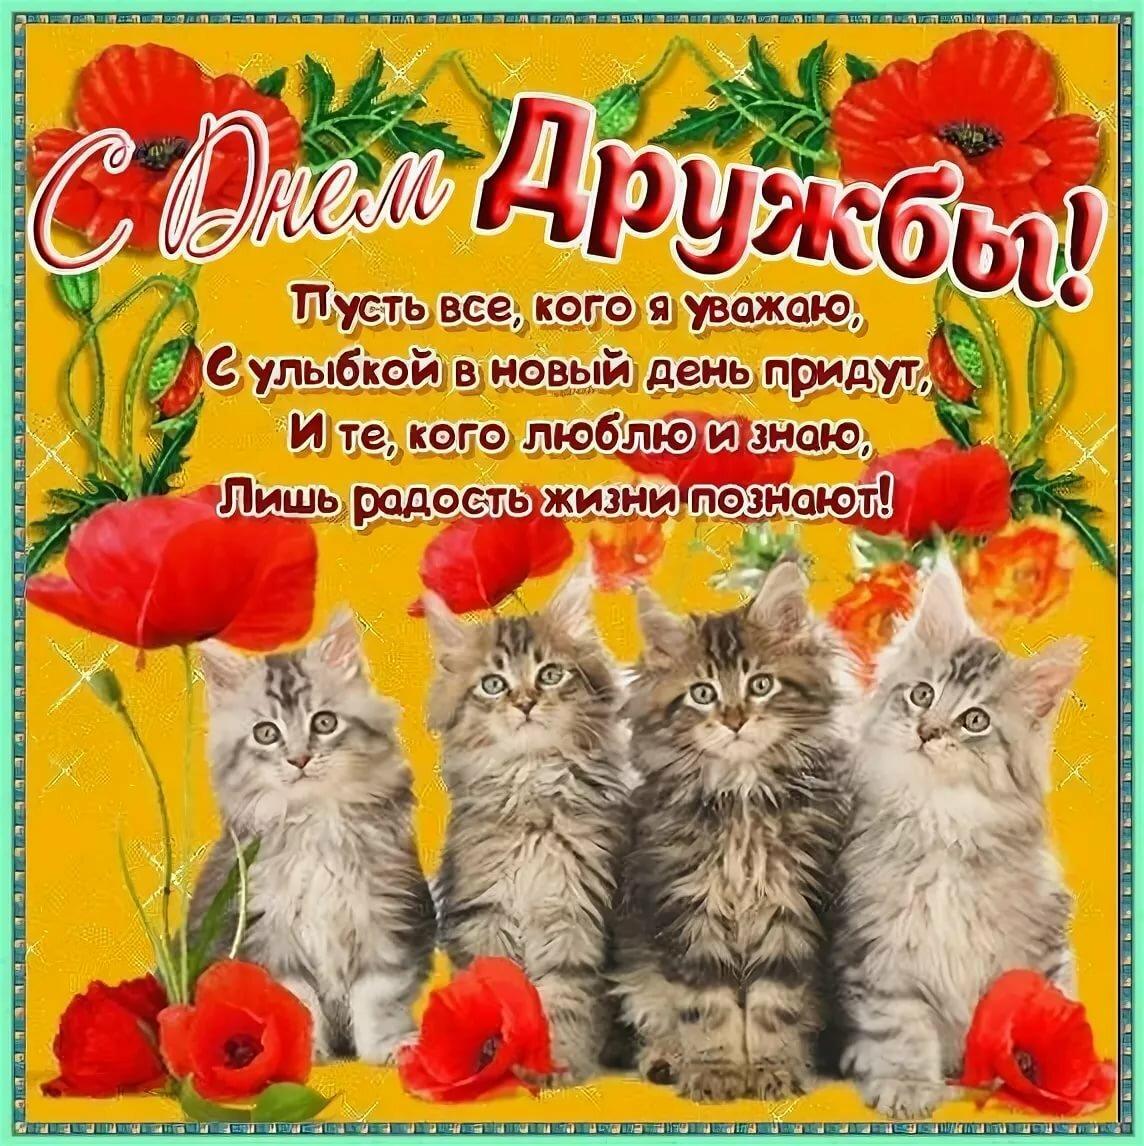 Картинки для поздравления с днем друзей